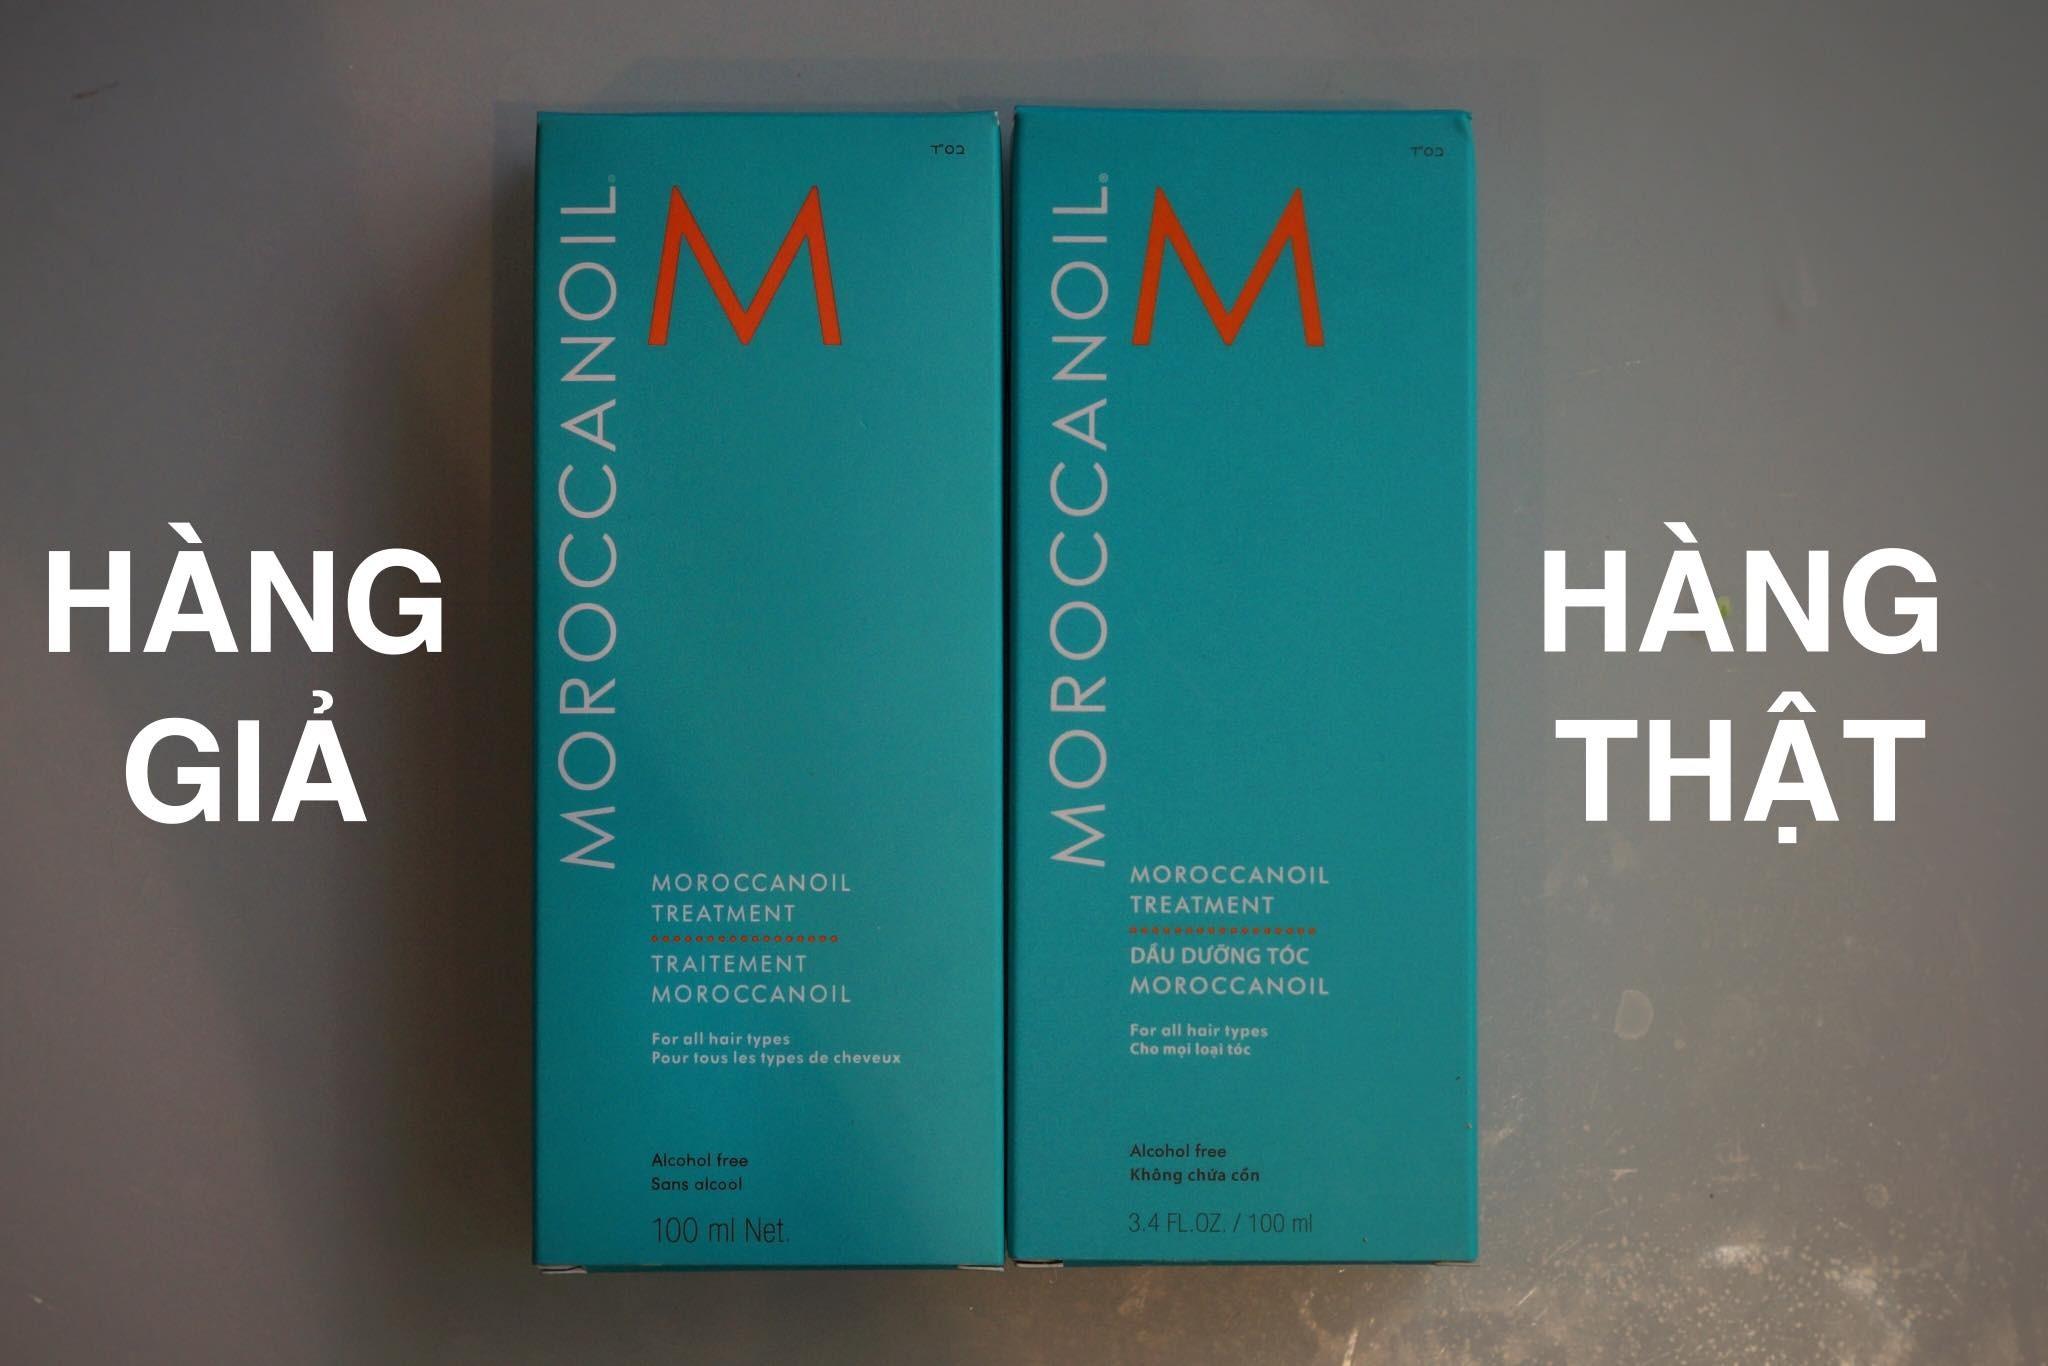 tinh dầu dưỡng tóc Moroccanoil thật giả, Moroccanoil dưỡng tóc, serum dưỡng tóc Moroccanoil, dầu dưỡng tóc Moroccanoil 100ml, dầu dưỡng tóc Moroccanoil 125ml, dầu dưỡng tóc Moroccanoil 200ml, dầu dưỡng tóc Moroccanoil review, review dầu dưỡng tóc Moroccanoil, xịt dưỡng tóc Moroccanoil, dưỡng tóc Moroccanoil review, duong toc Moroccanoil, chai dưỡng tóc Moroccanoil, dầu dưỡng tóc Moroccanoil tiki, tinh dầu dưỡng tóc Moroccanoil treatment, dưỡng tóc Moroccanoil 200ml